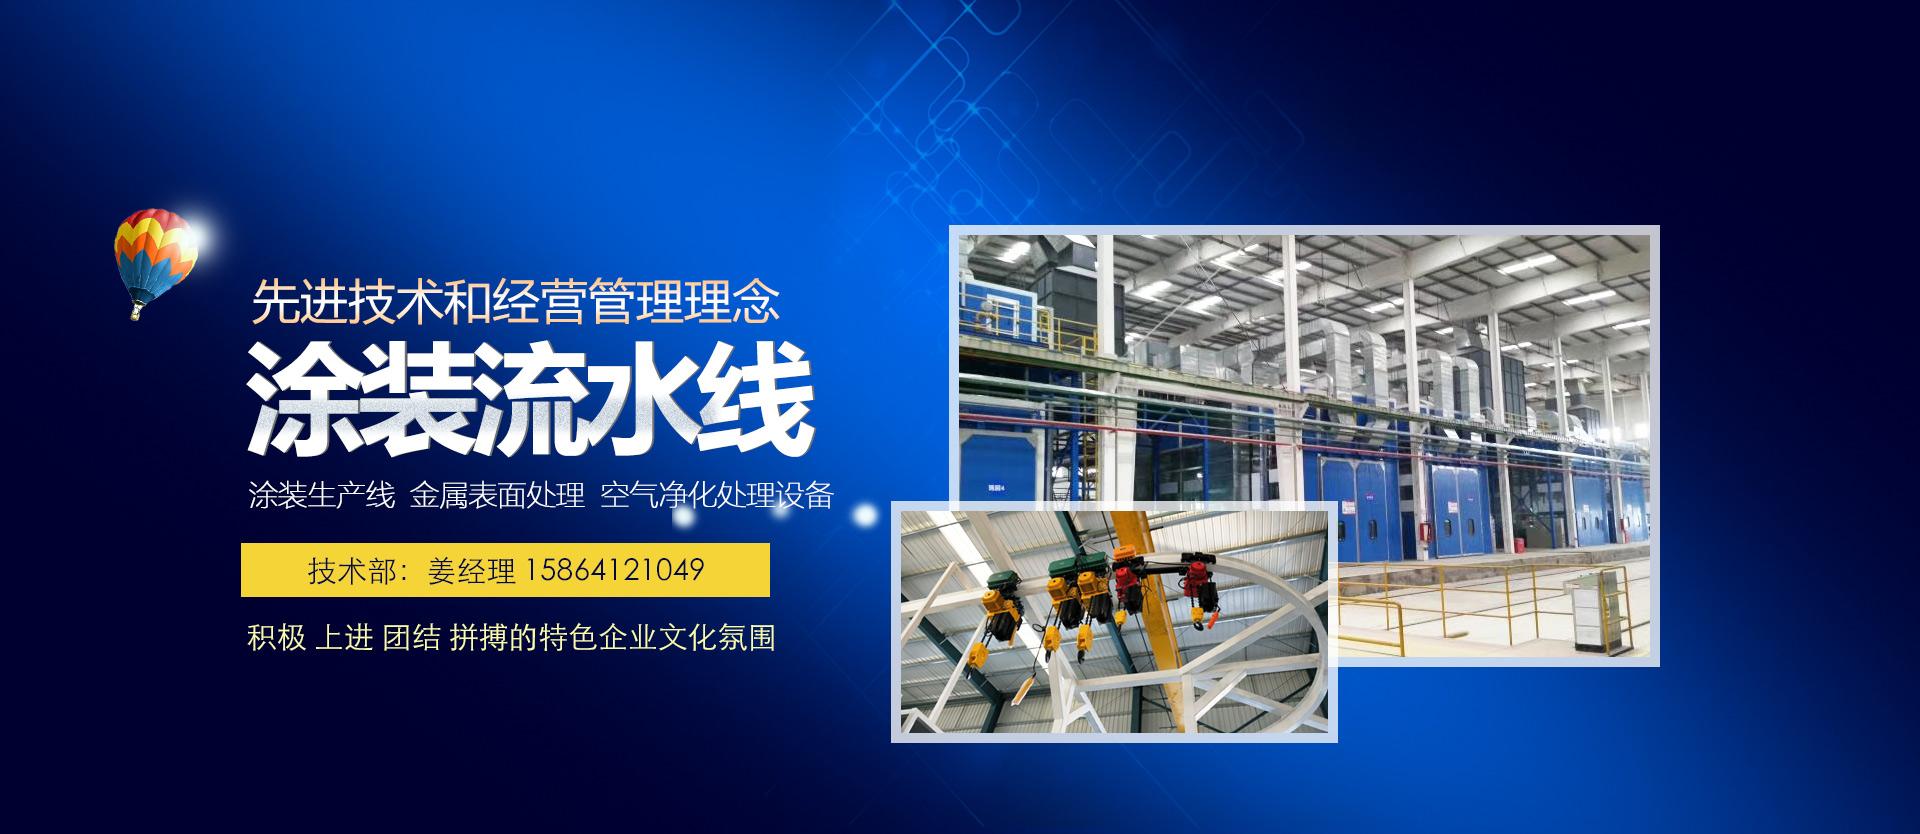 济宁华科环保科技有限公司